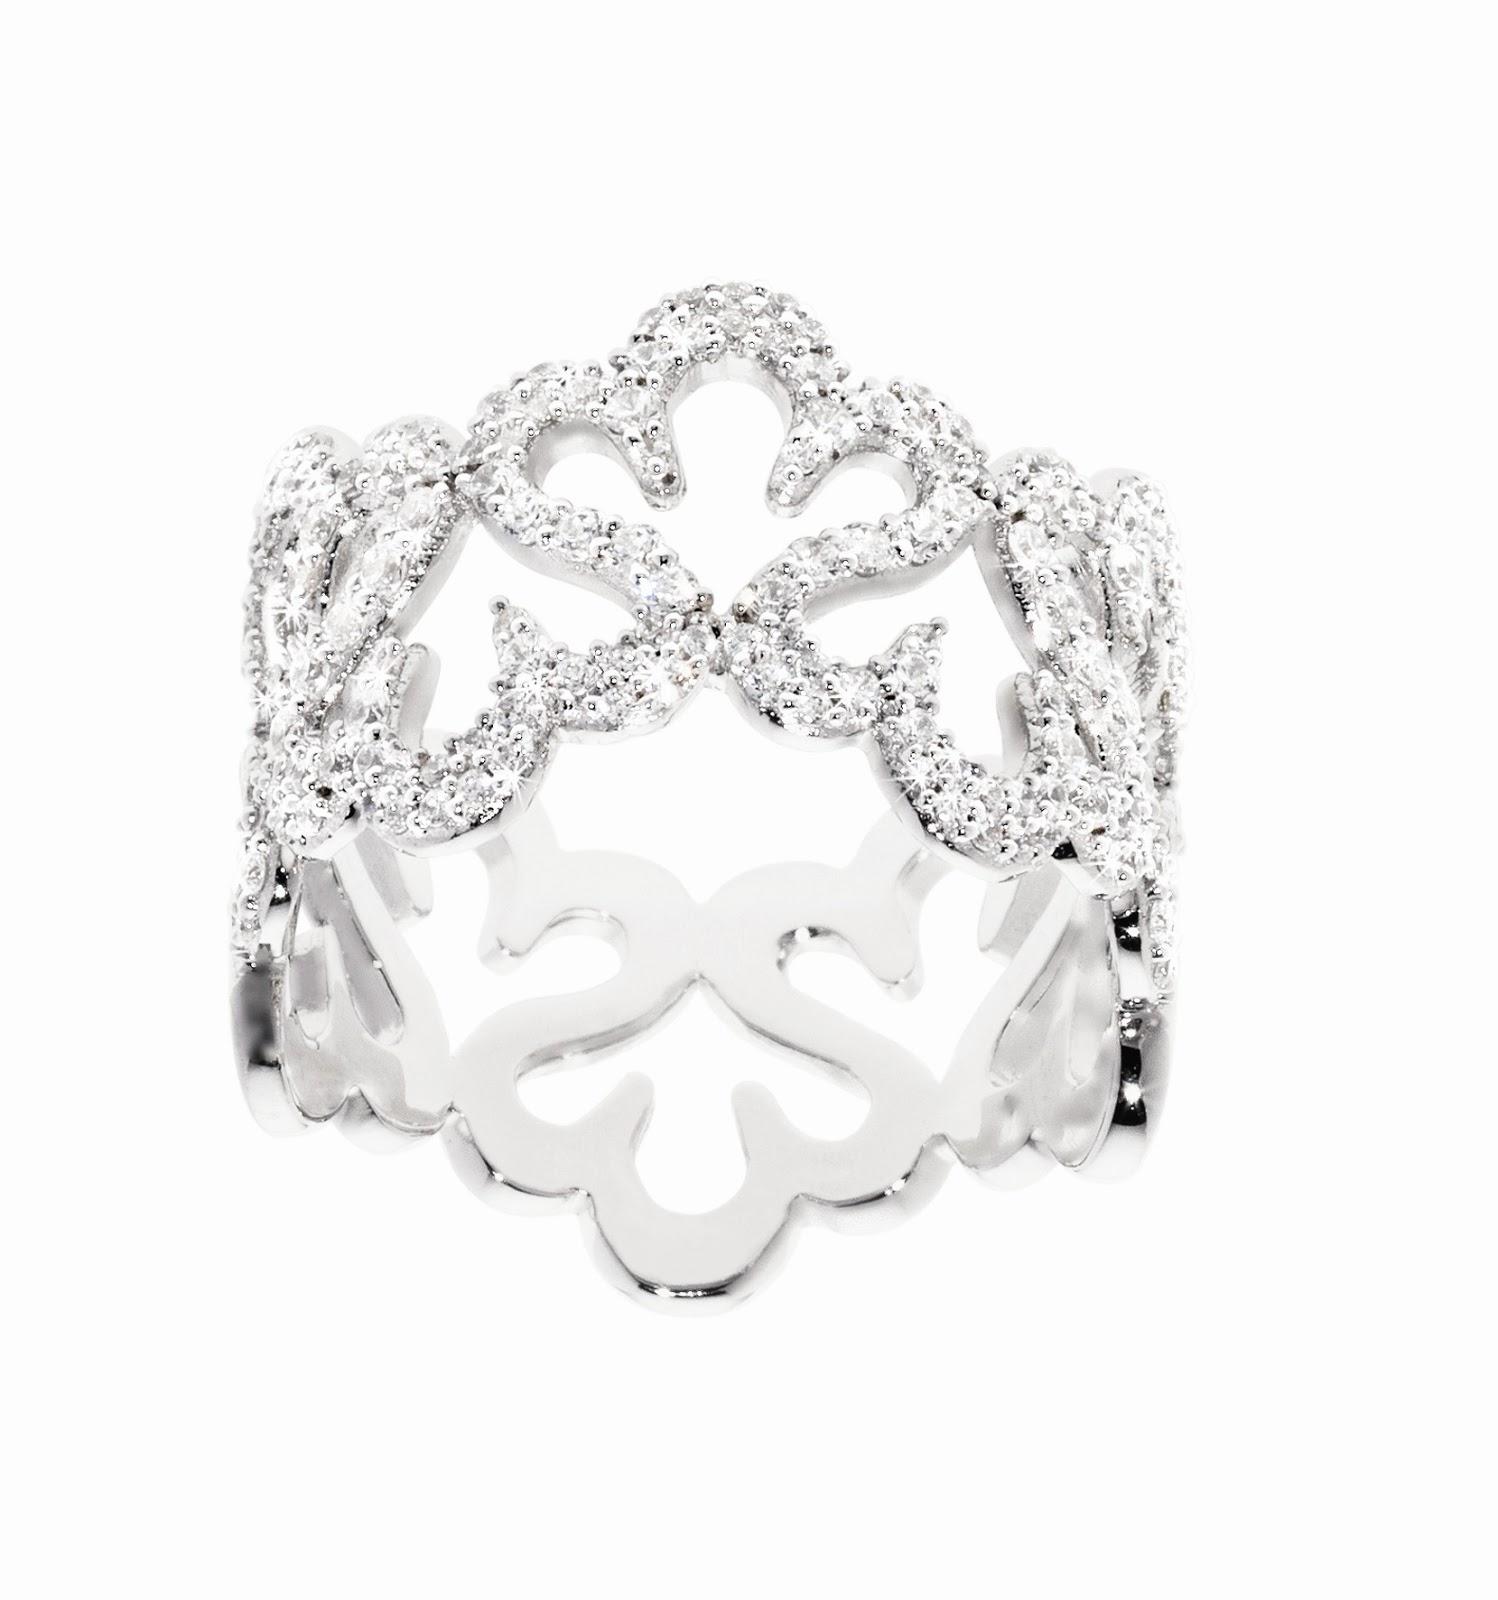 più tardi prezzo di fabbrica nuovo stile anelli a fascia ...